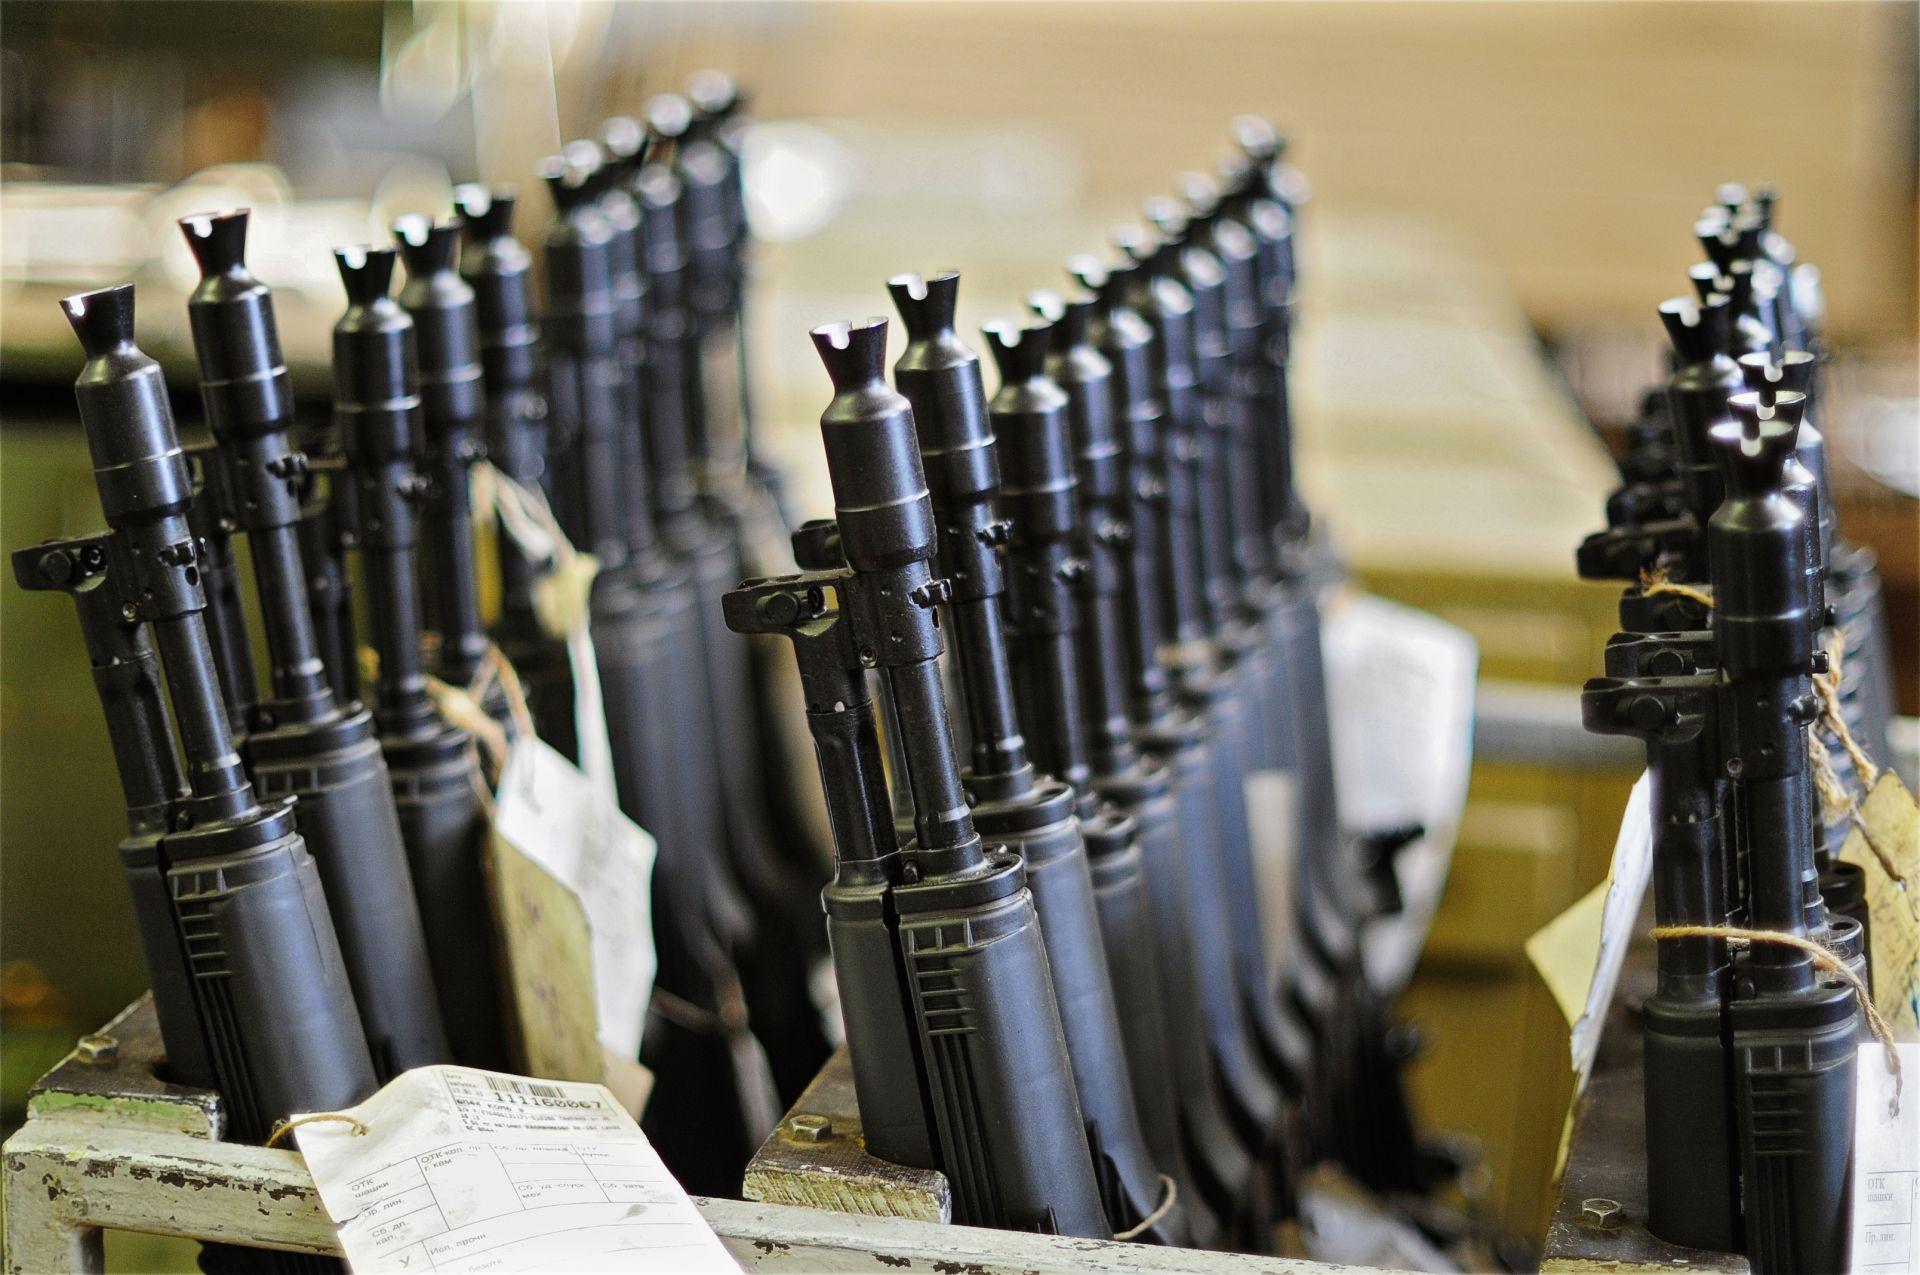 """3/10. Пушка АК-47, чија је масовна производња започета у ижевској фабрици, представљала је потпуно нову генерацију оружја. Аутомат """"Калашњиков"""" (AK-47) уврштен је међу најзначајније проналаске 20. века"""